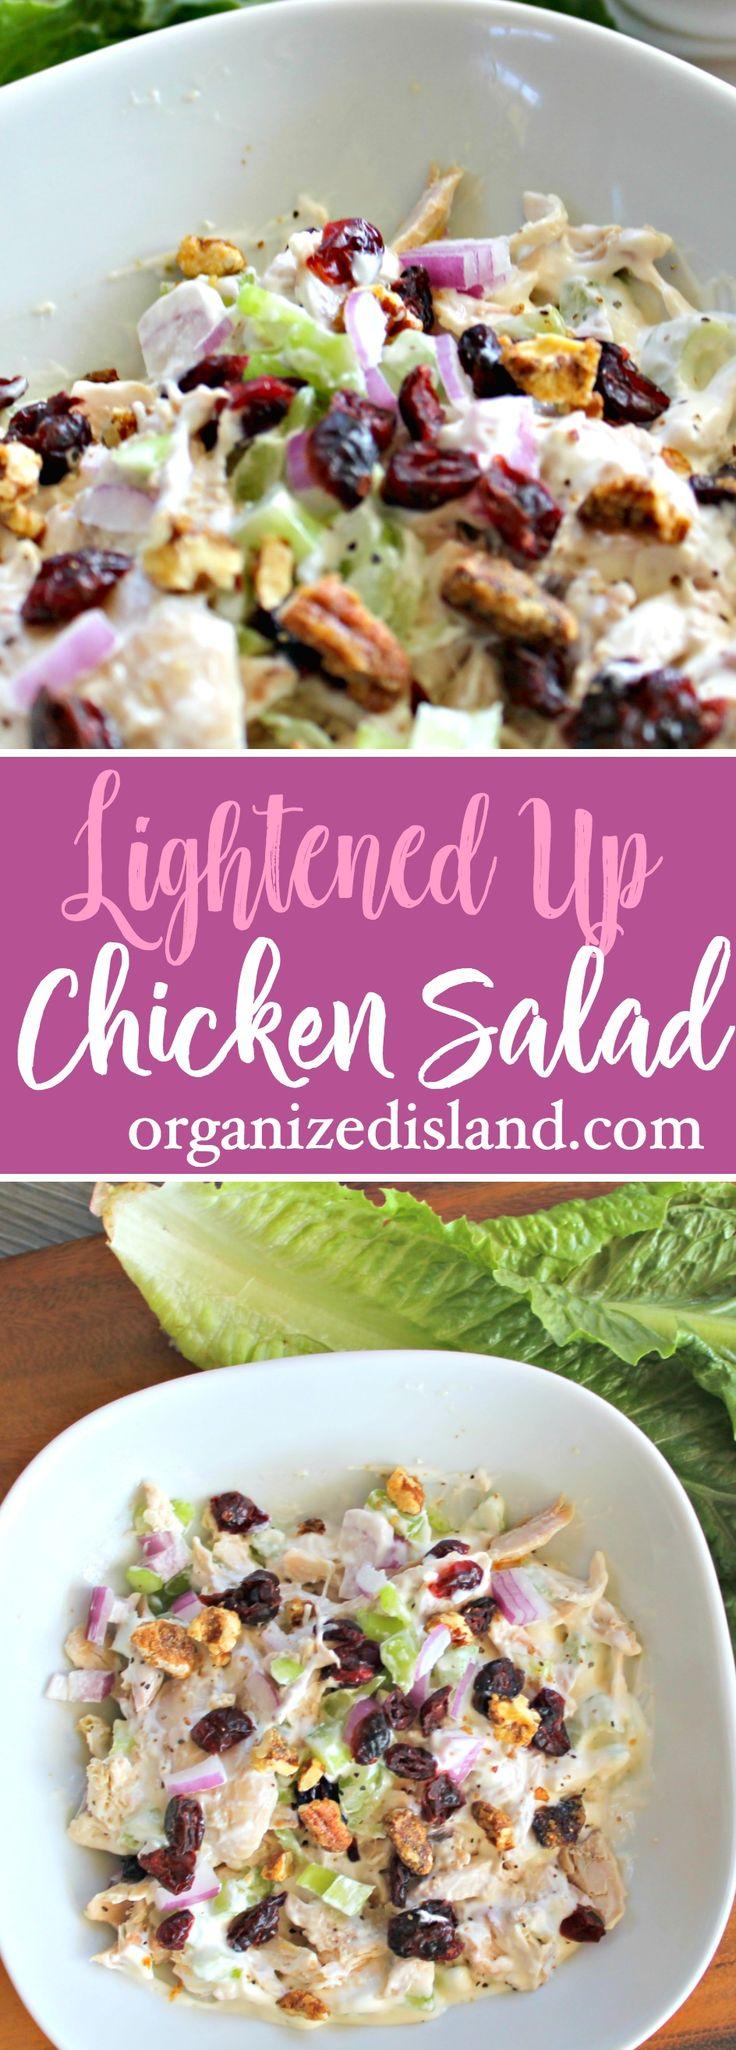 Lightened Up Chicken Salad - a lighter version of a favorite salad.   #light #chcken #salad #recipe via @OCRaquel